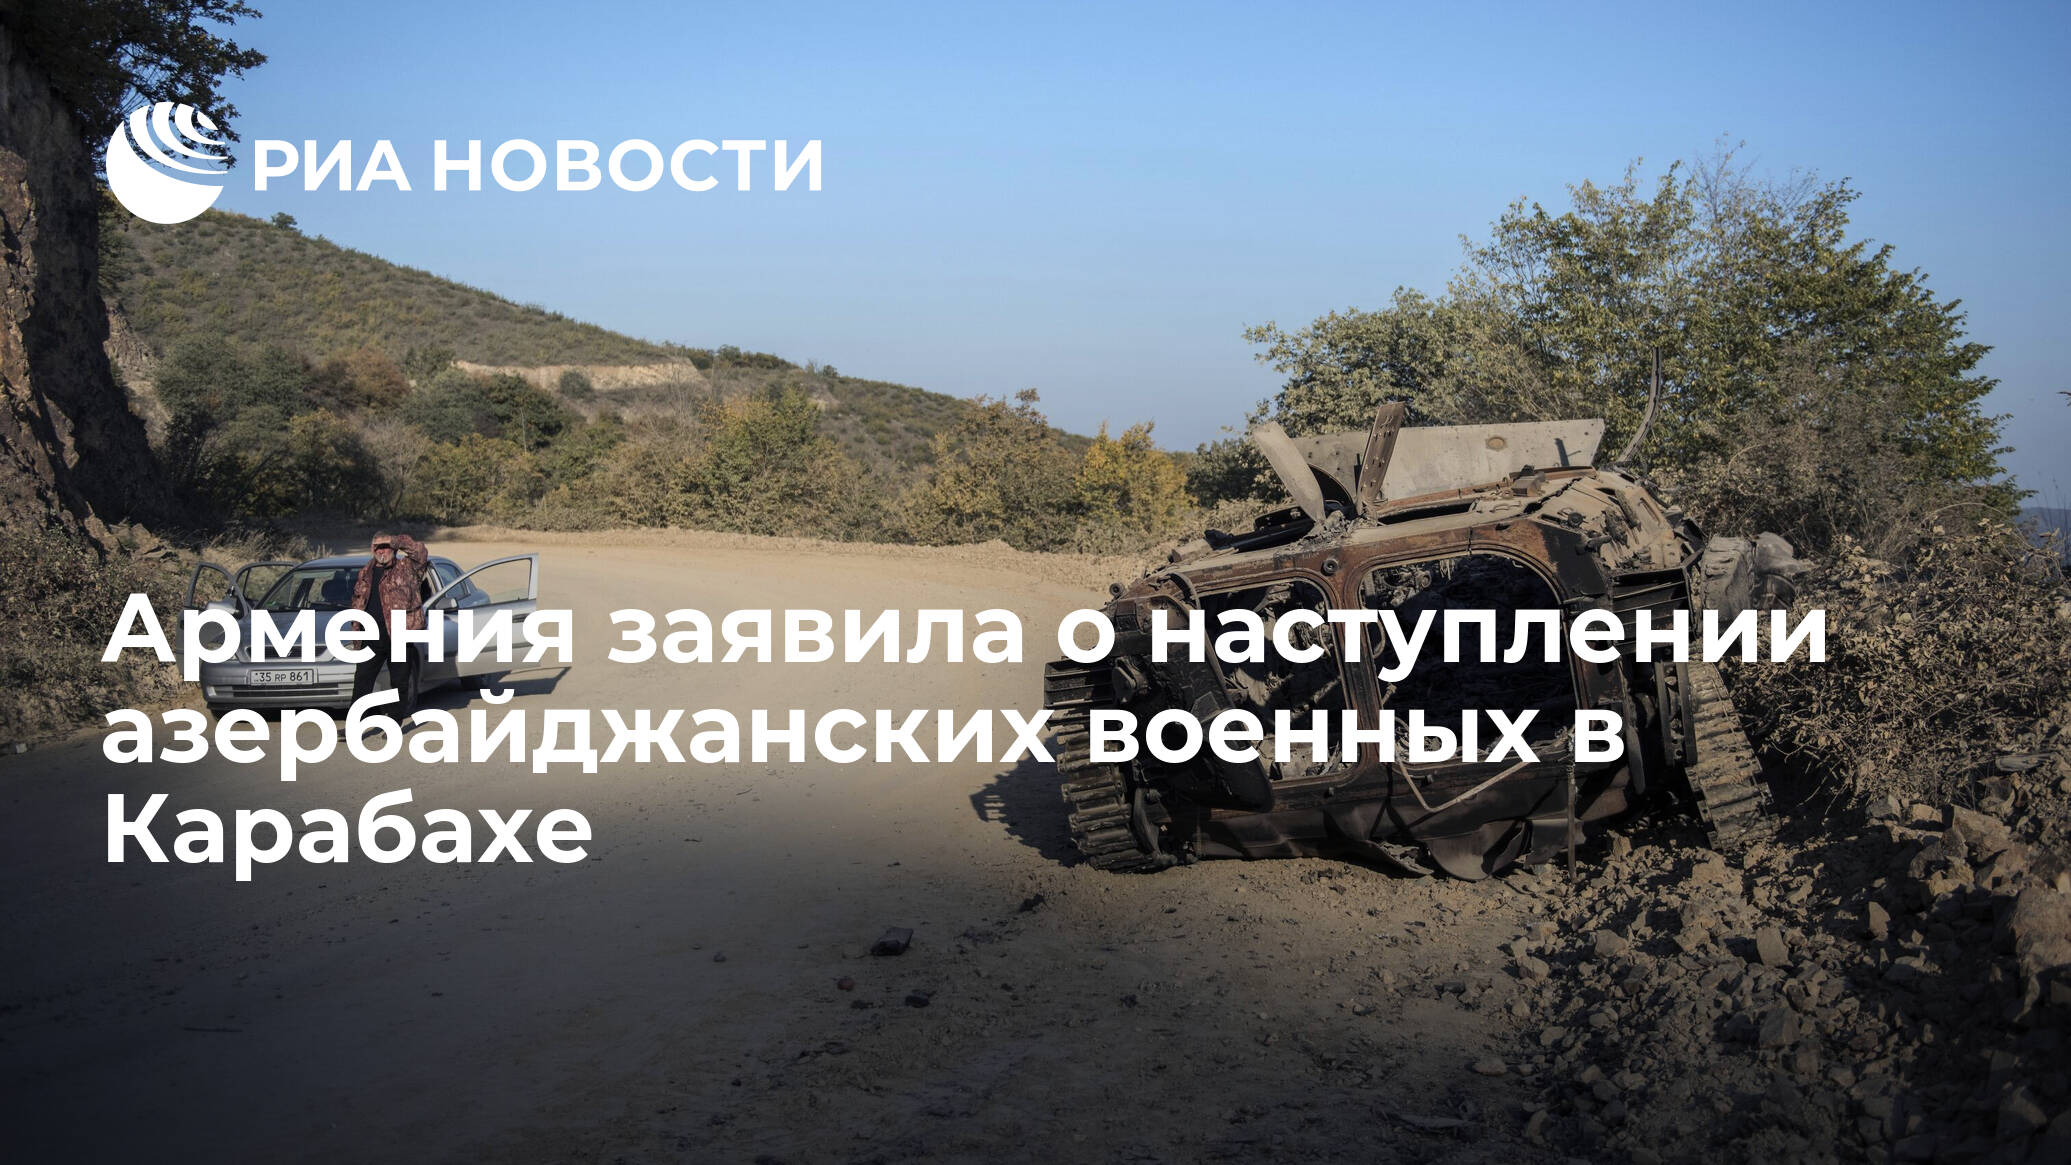 Армения заявила о наступлении азербайджанских военных в Карабахе